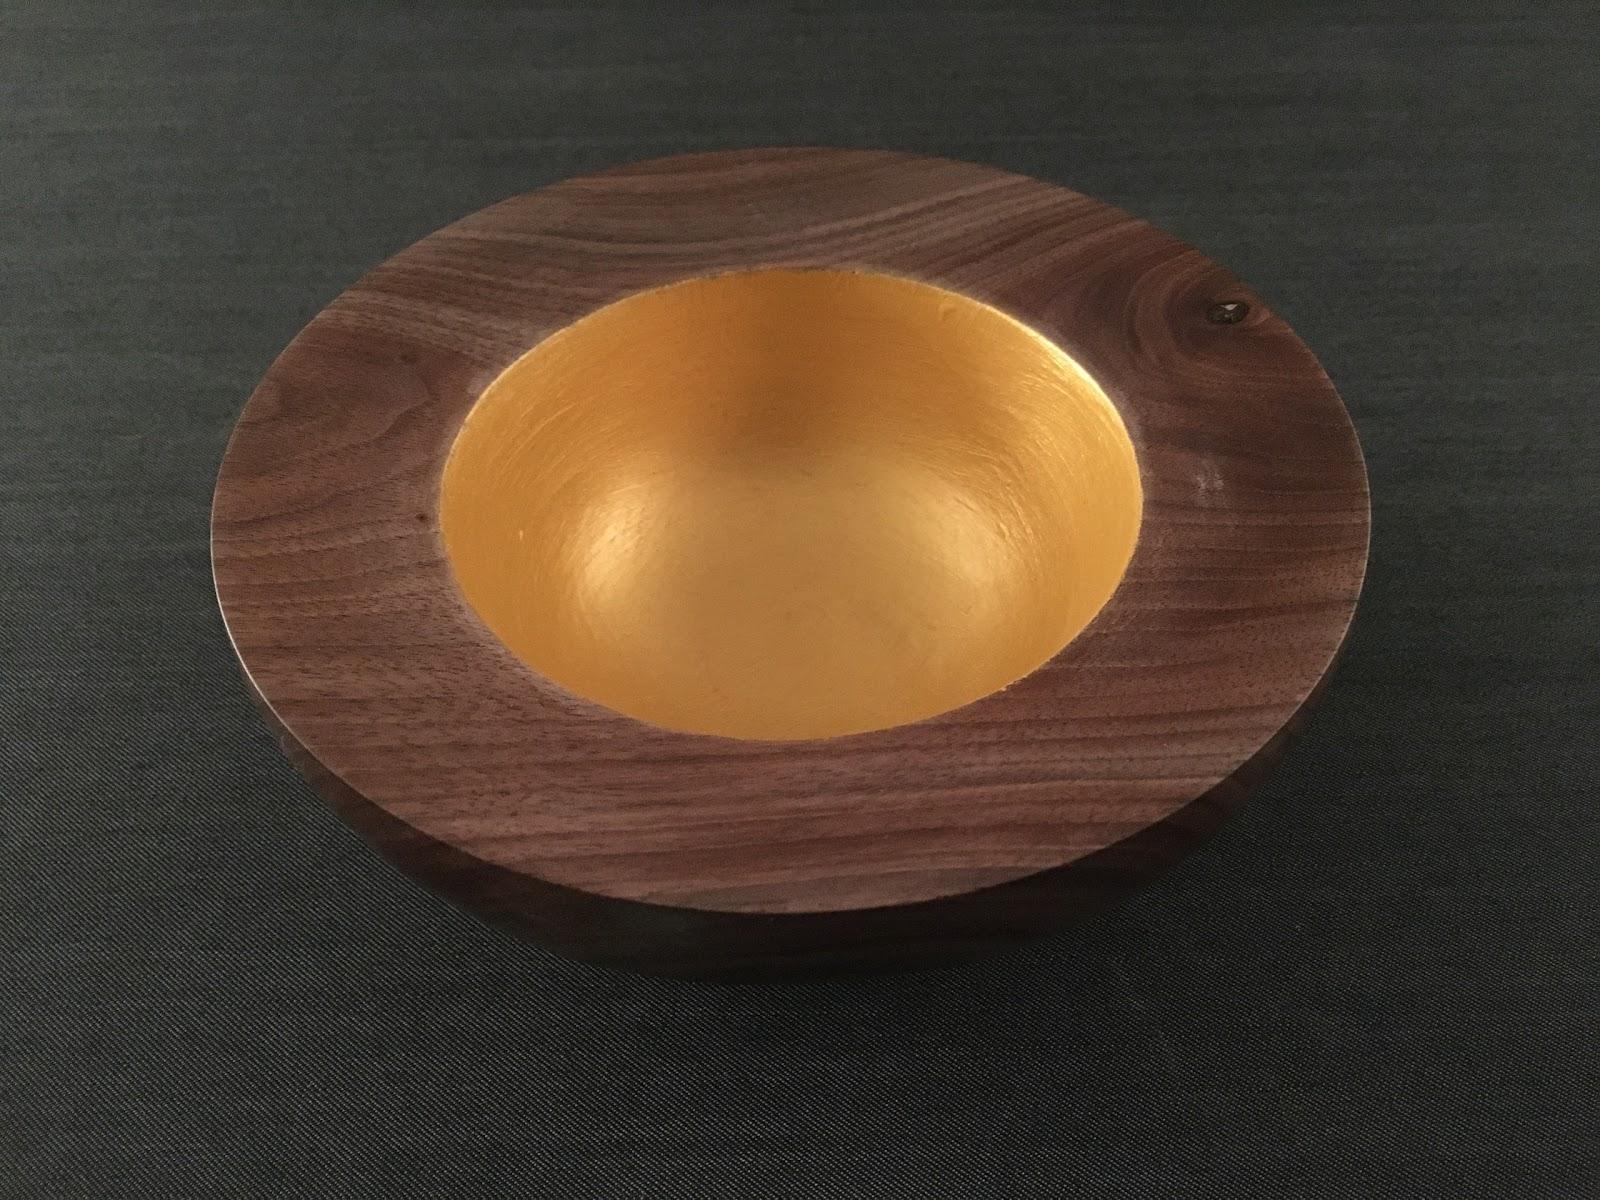 atelier du bois tourn woodturning design vide poches en noyer noir blackwalnut bowl. Black Bedroom Furniture Sets. Home Design Ideas